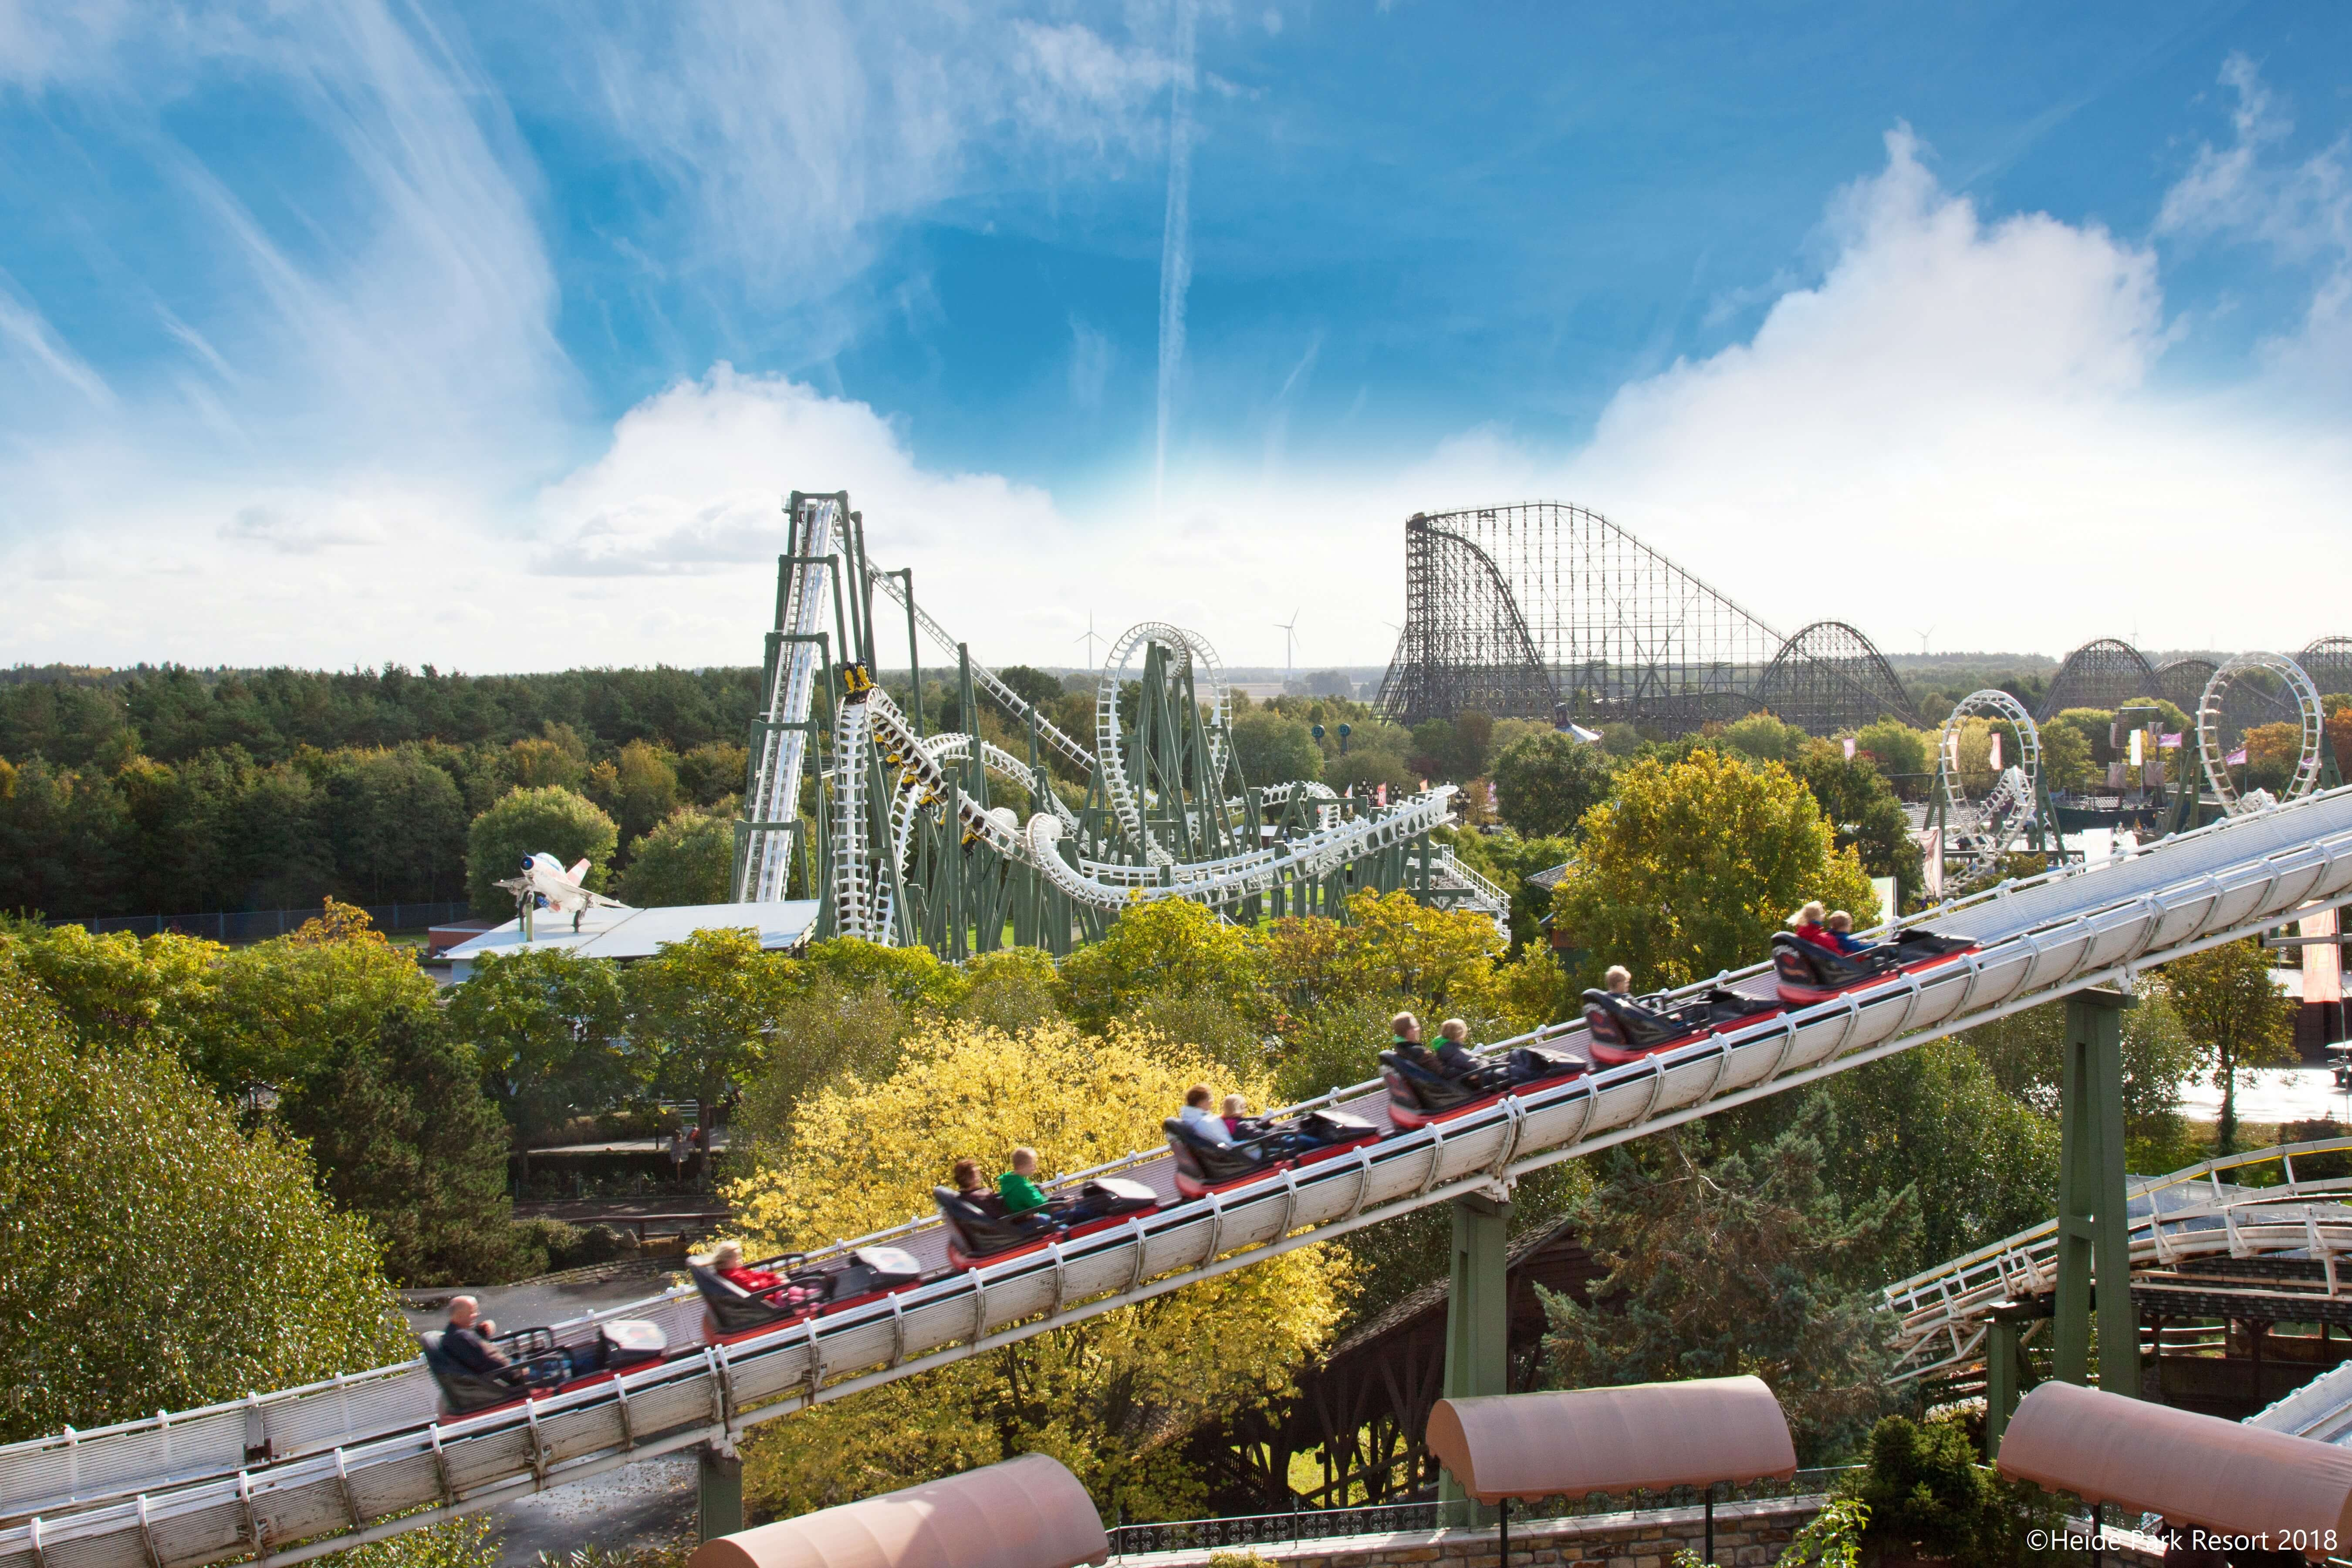 Heide Park Resort Der Freizeitpark In Deutschlands Norden